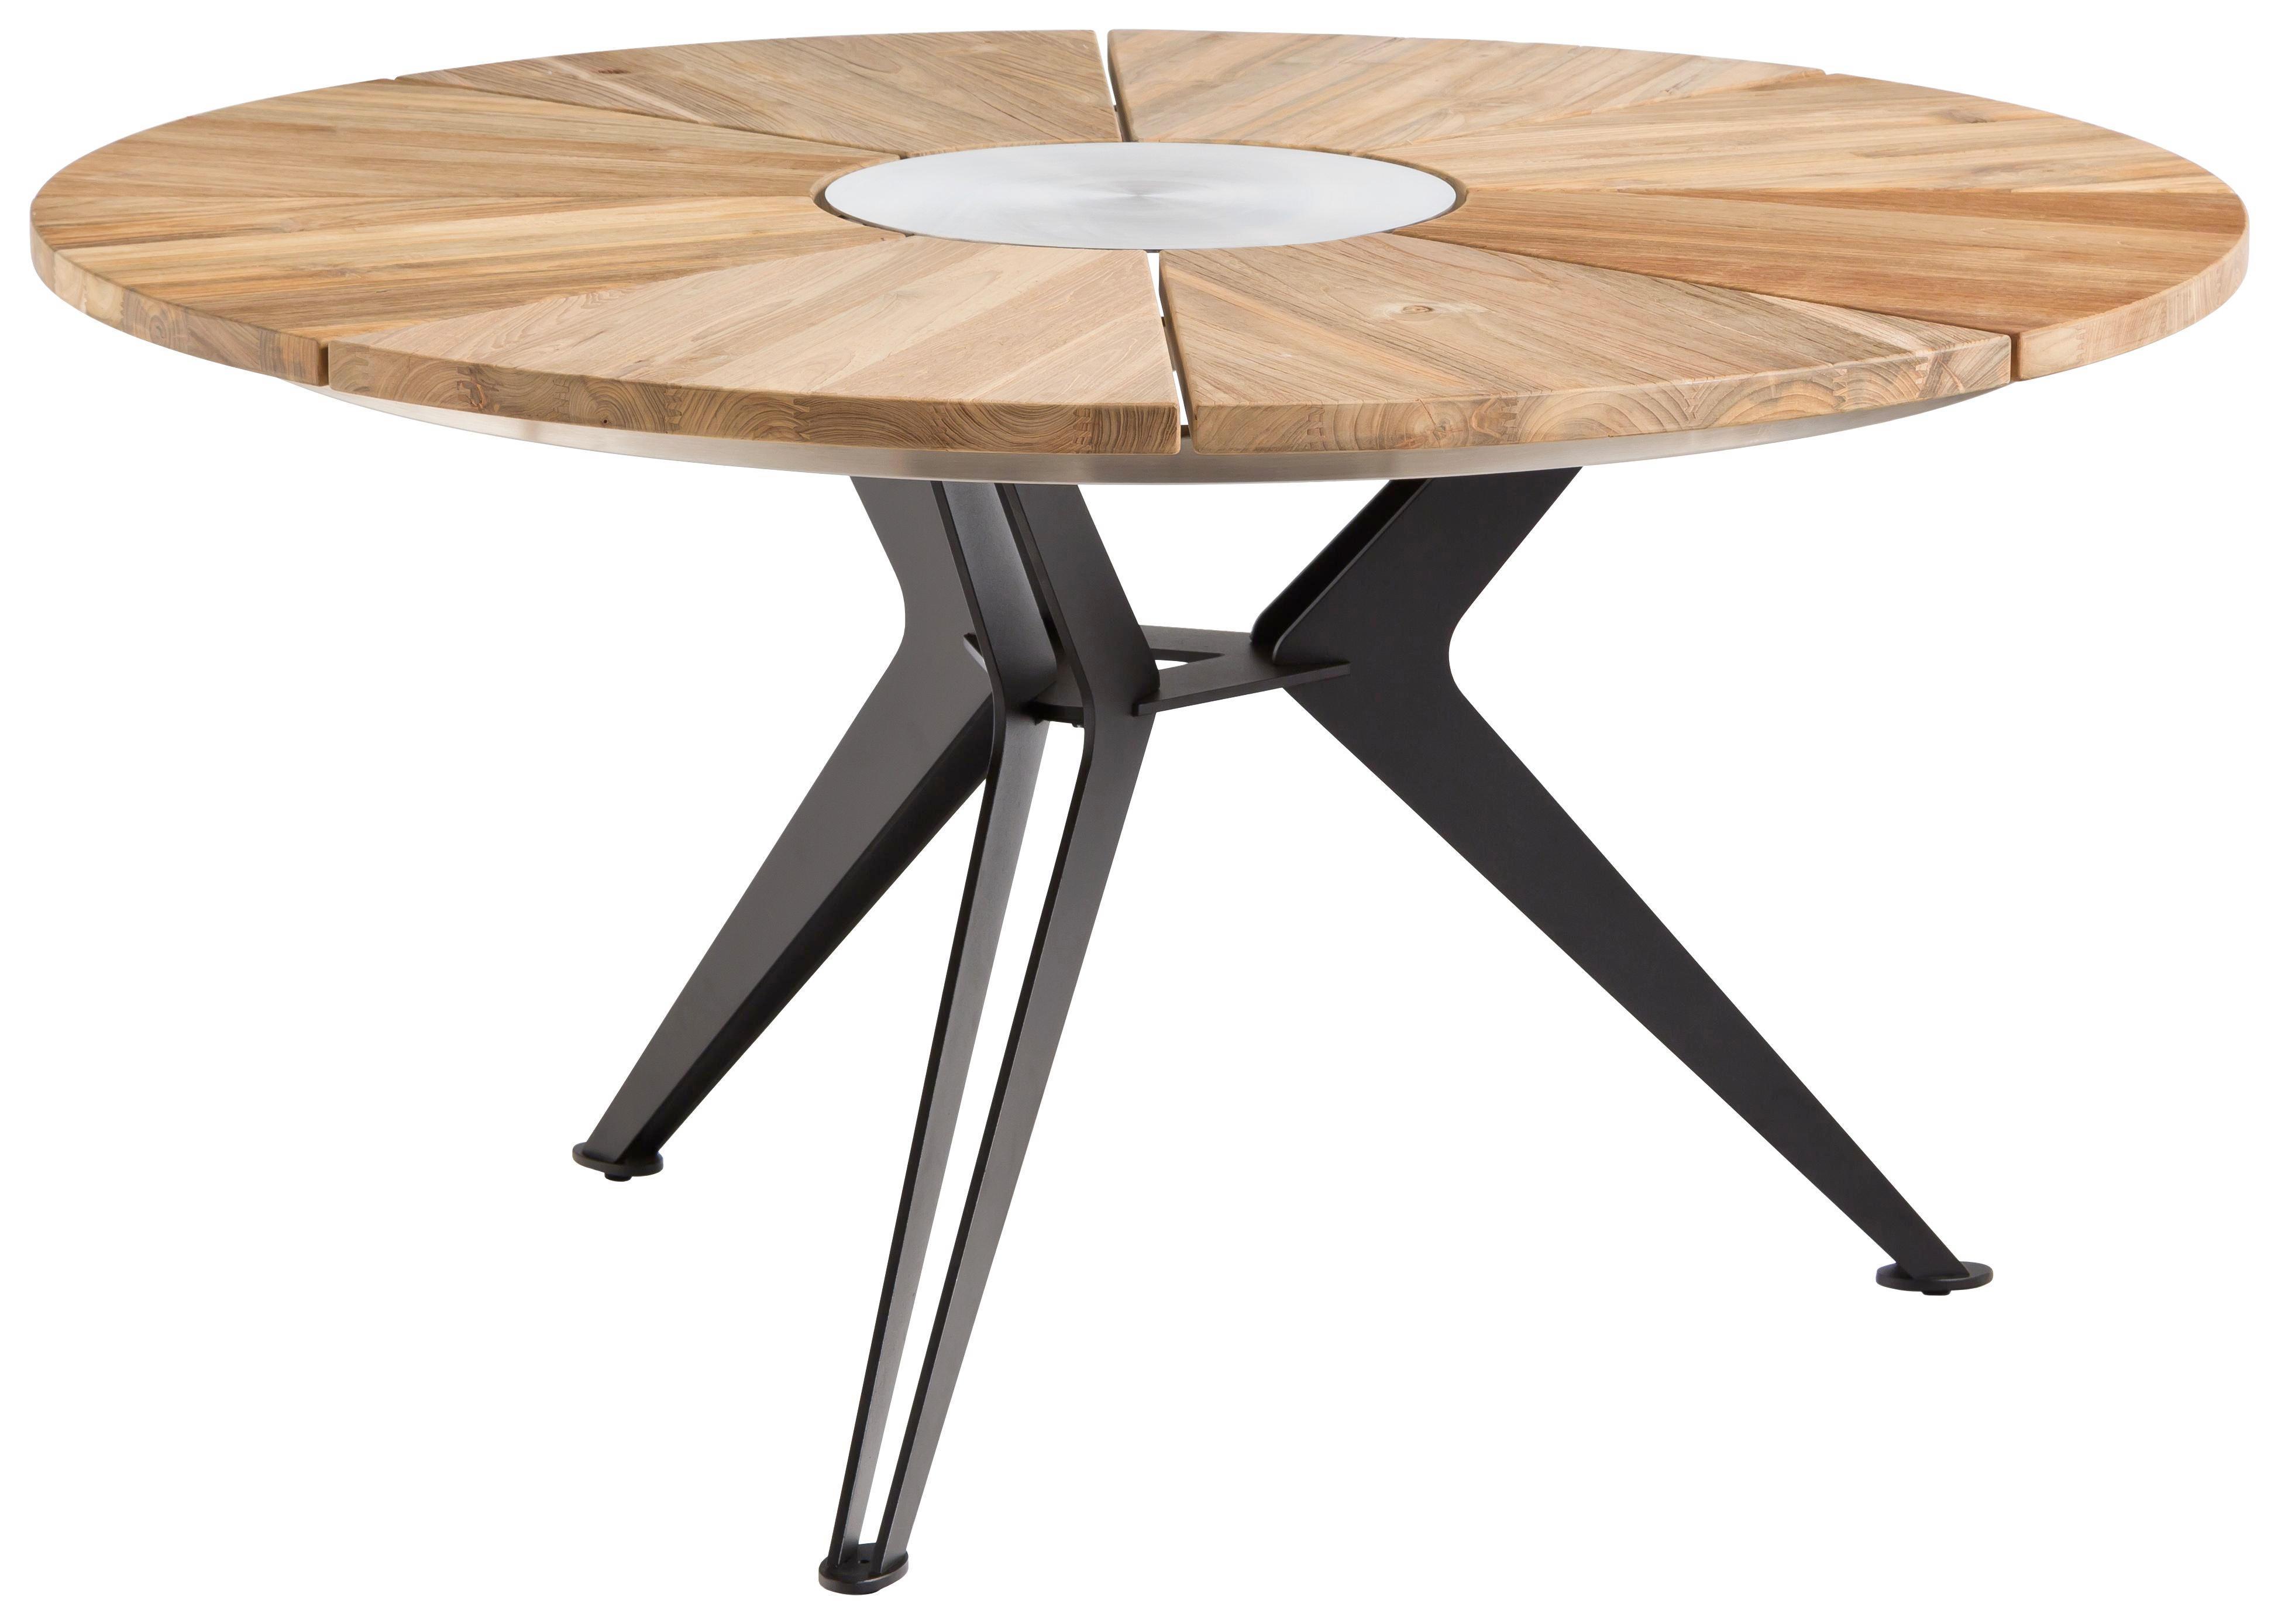 Free Elegant Beste Gartentisch Klappbar Holz Konzept With Gartentisch Holz  Metall Klappbar With Holz Gartentisch Klappbar